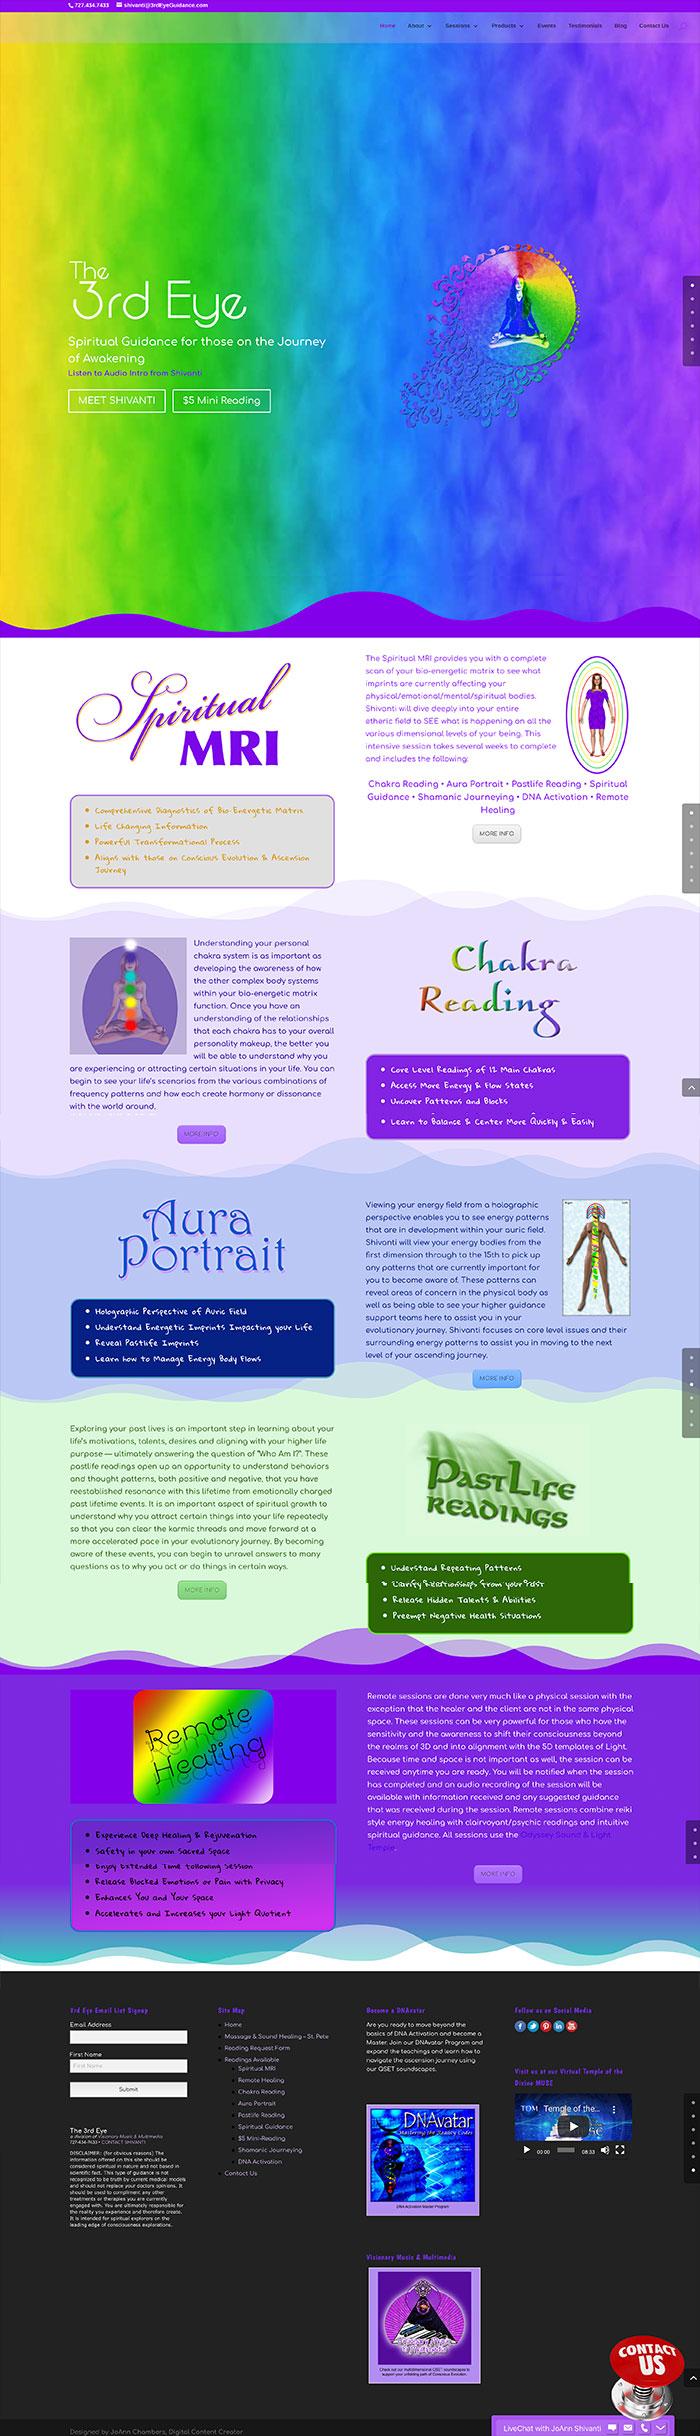 3rd Eye Long Scroll Webpage